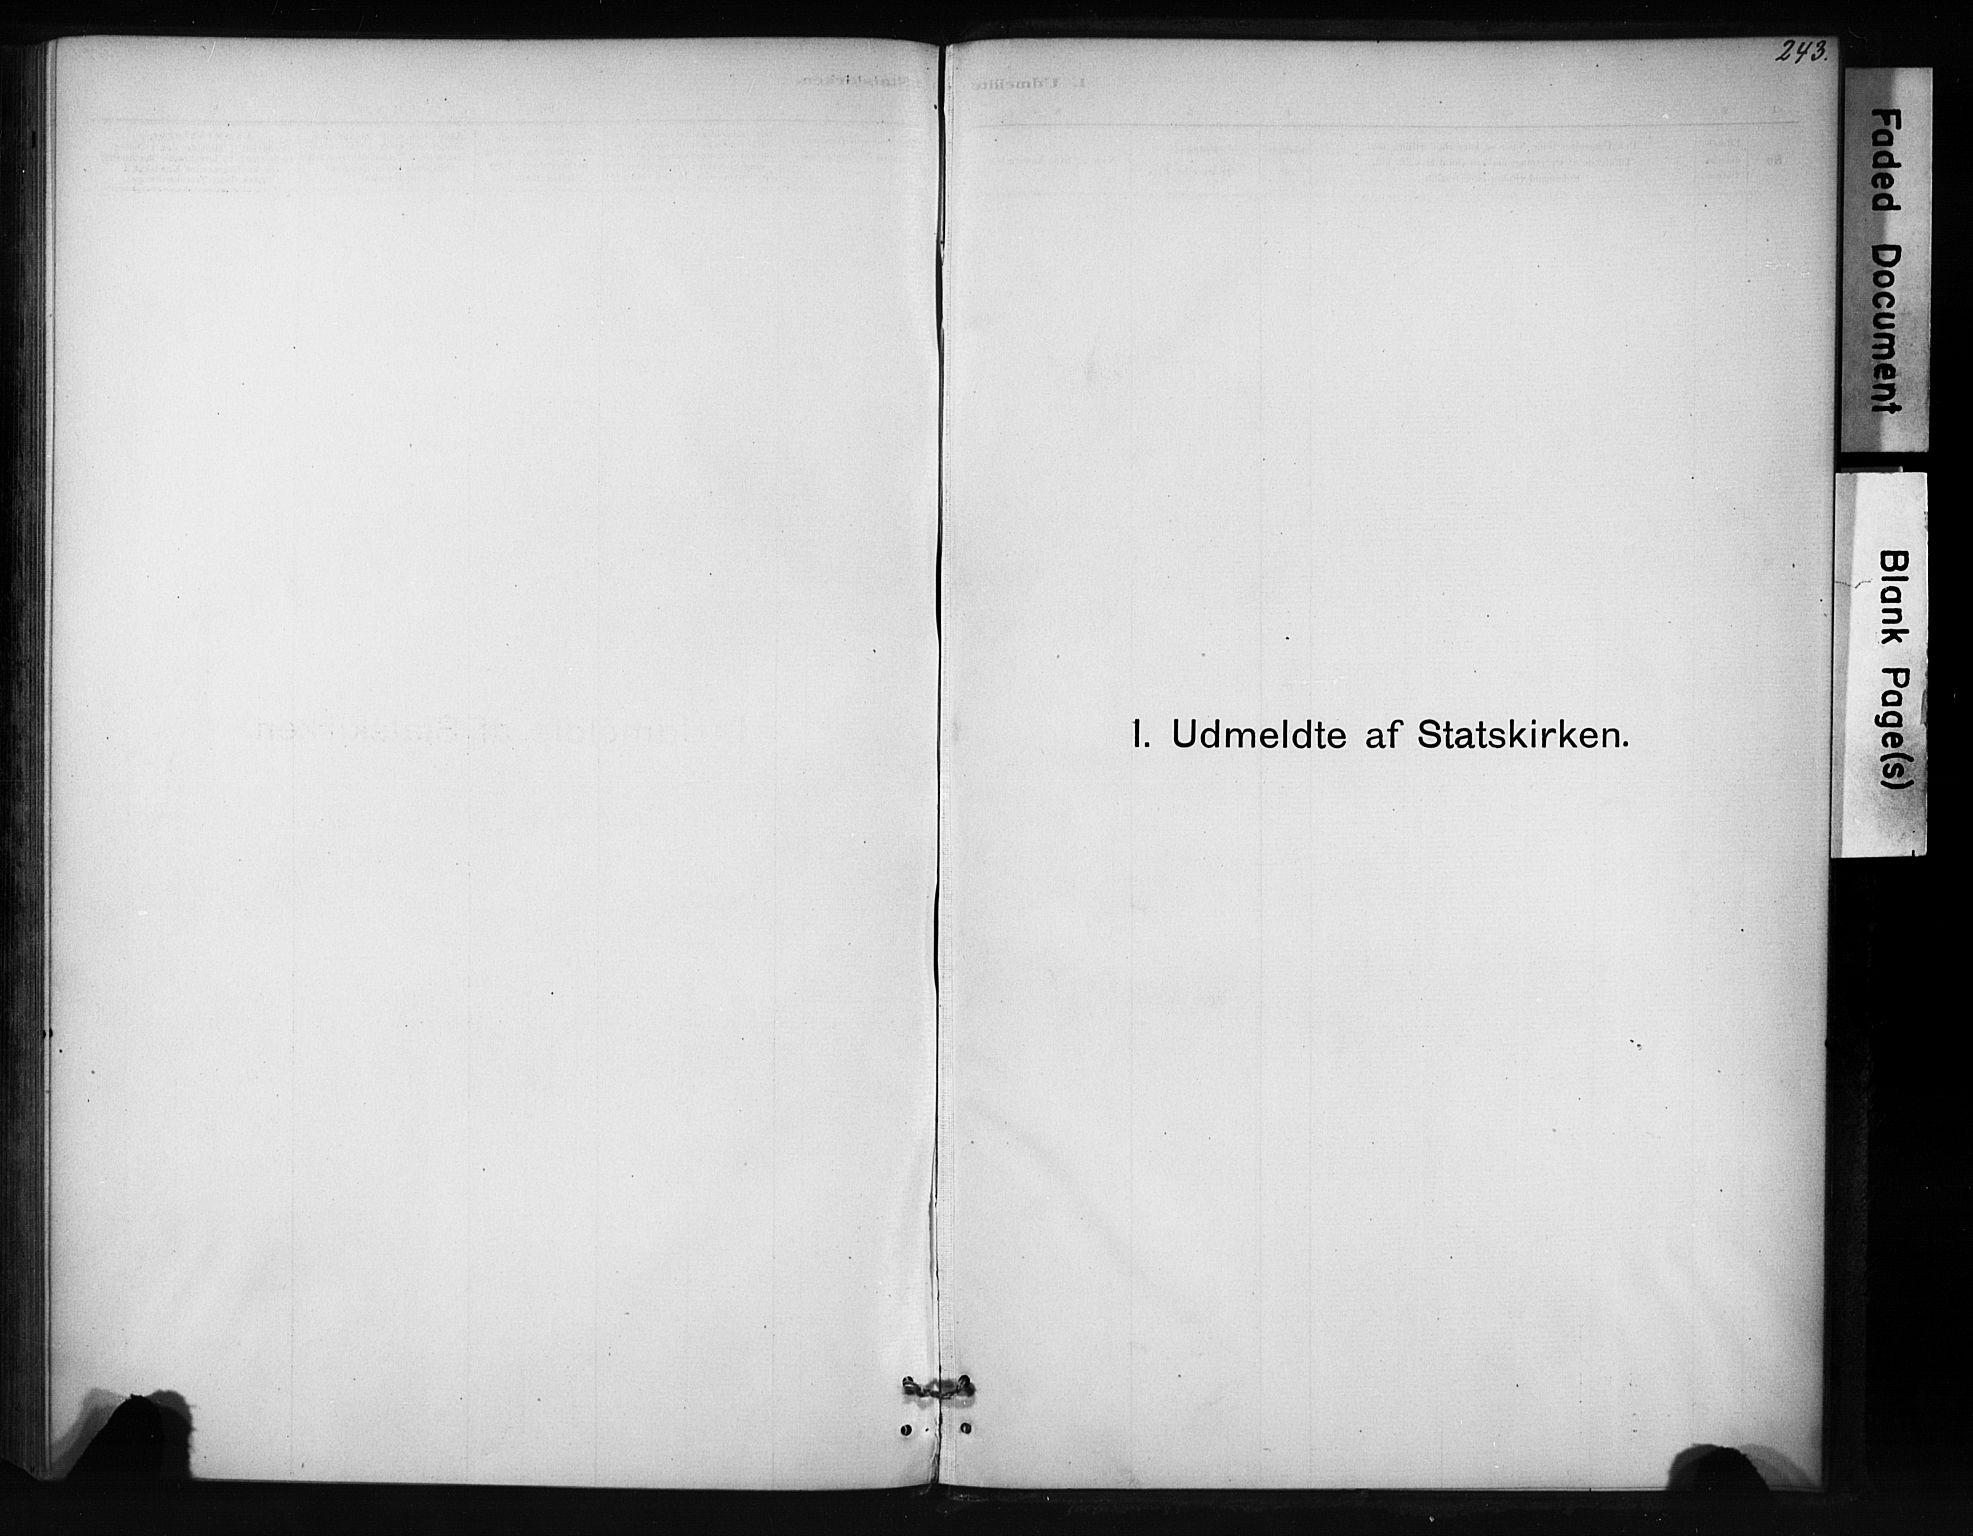 SAT, Ministerialprotokoller, klokkerbøker og fødselsregistre - Sør-Trøndelag, 694/L1127: Ministerialbok nr. 694A01, 1887-1905, s. 243